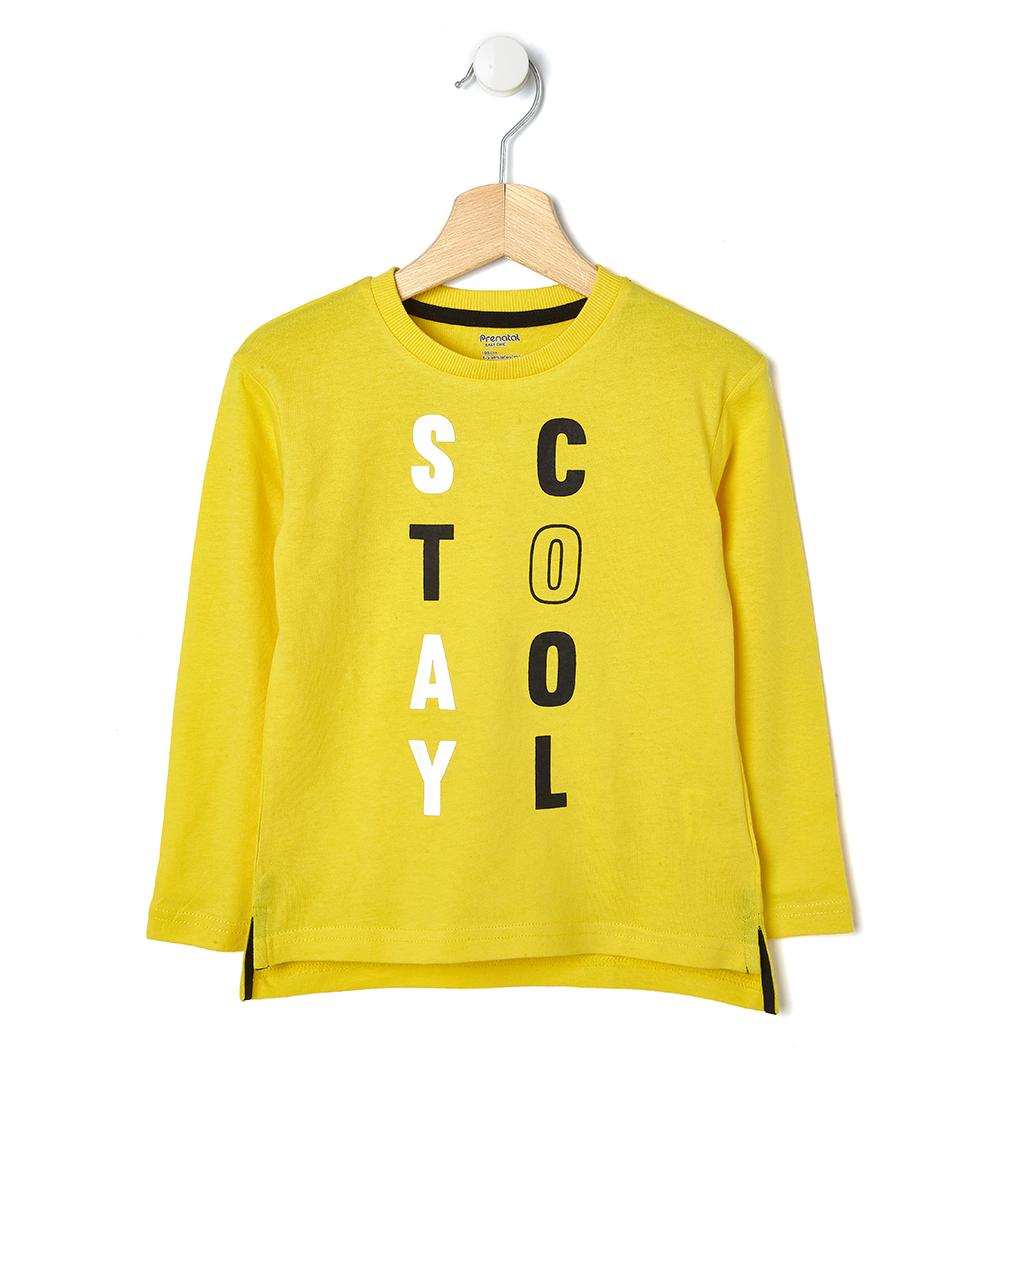 8a51f80530 T-shirt gialla con scritta Stay Cool